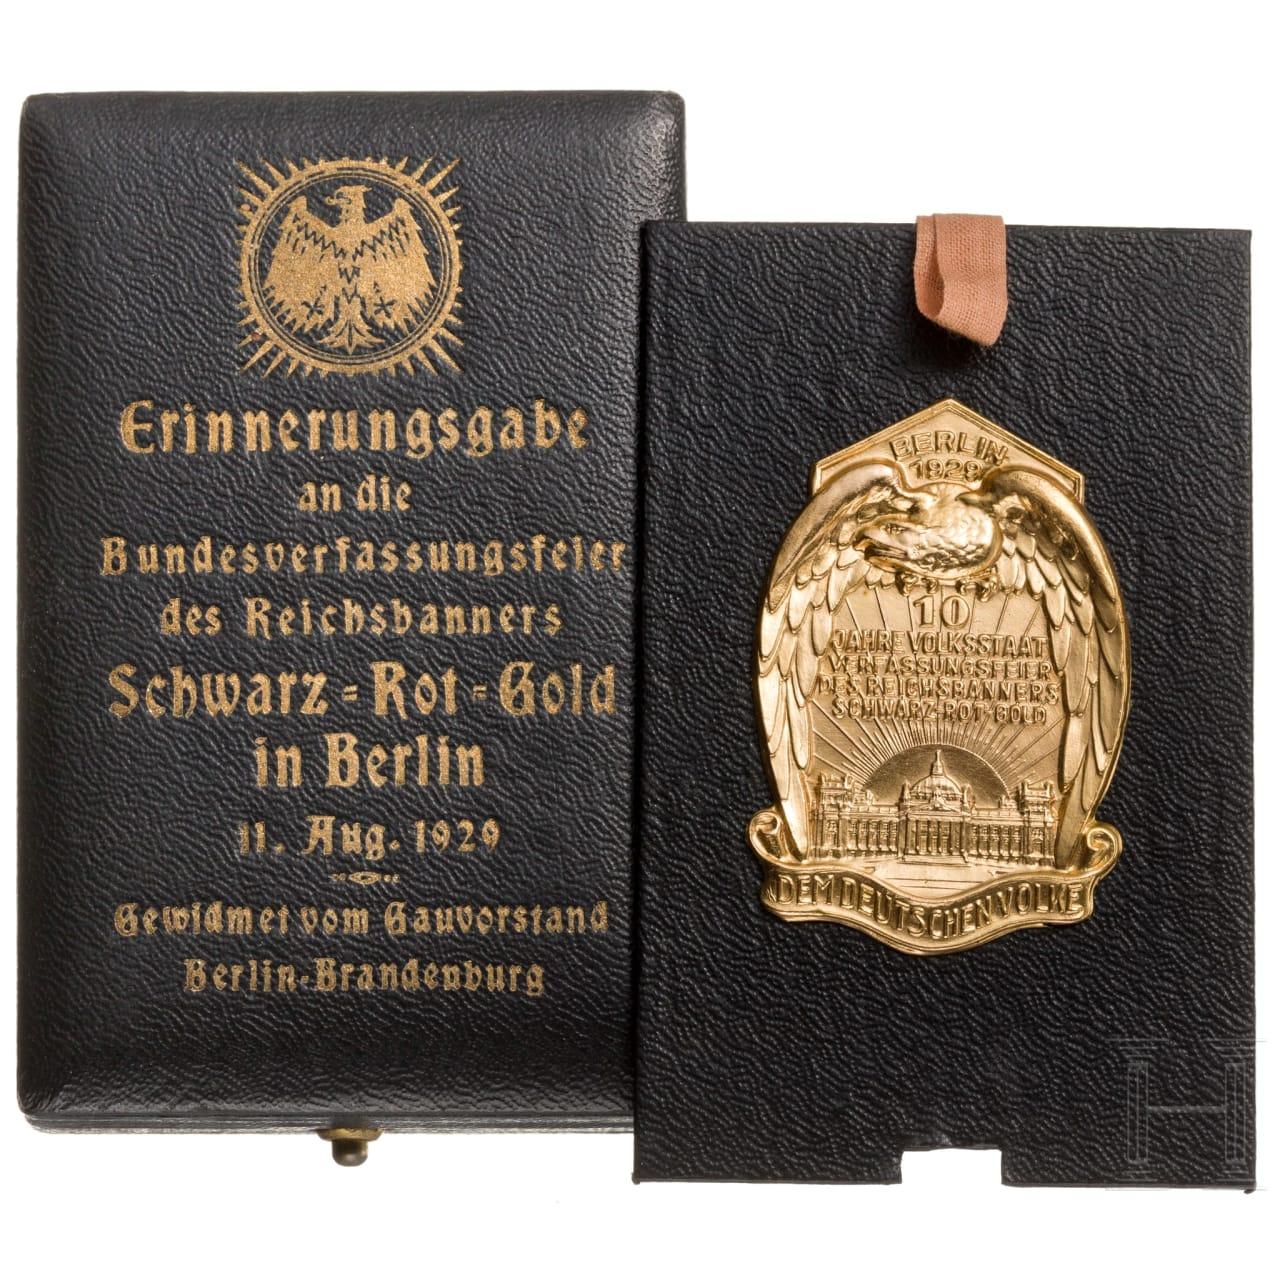 Erinnerungsgabe an die Bundesverfassungsfeier am 11.8.1929